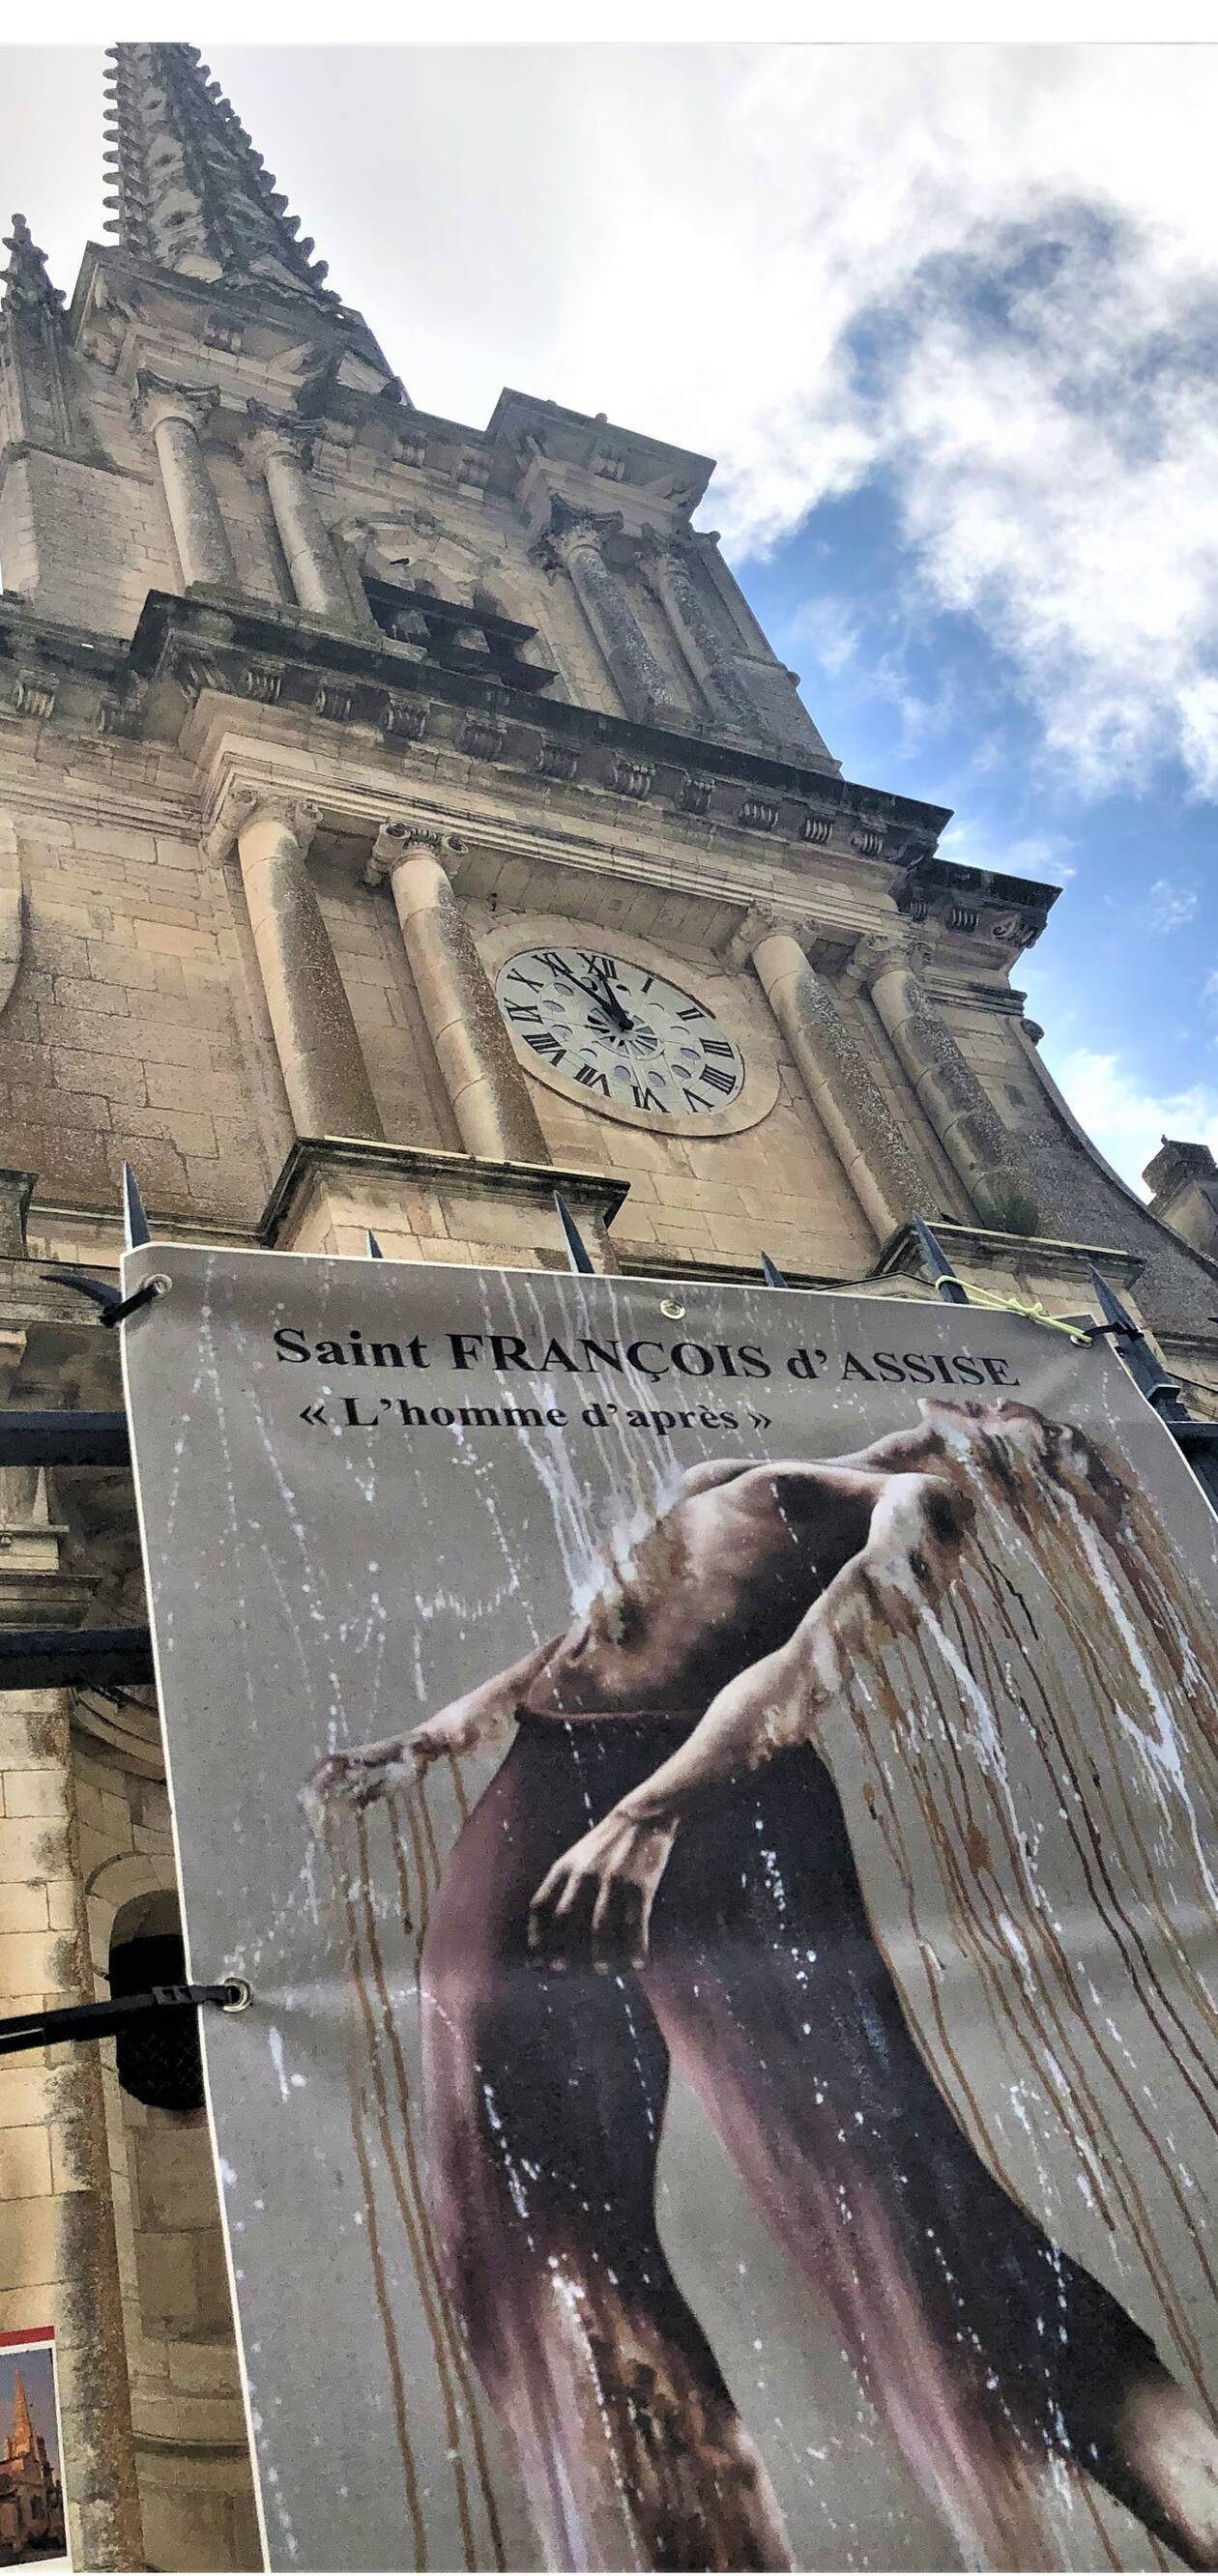 ST FRANÇOIS D'ASSISE L'HOMME D'APRES